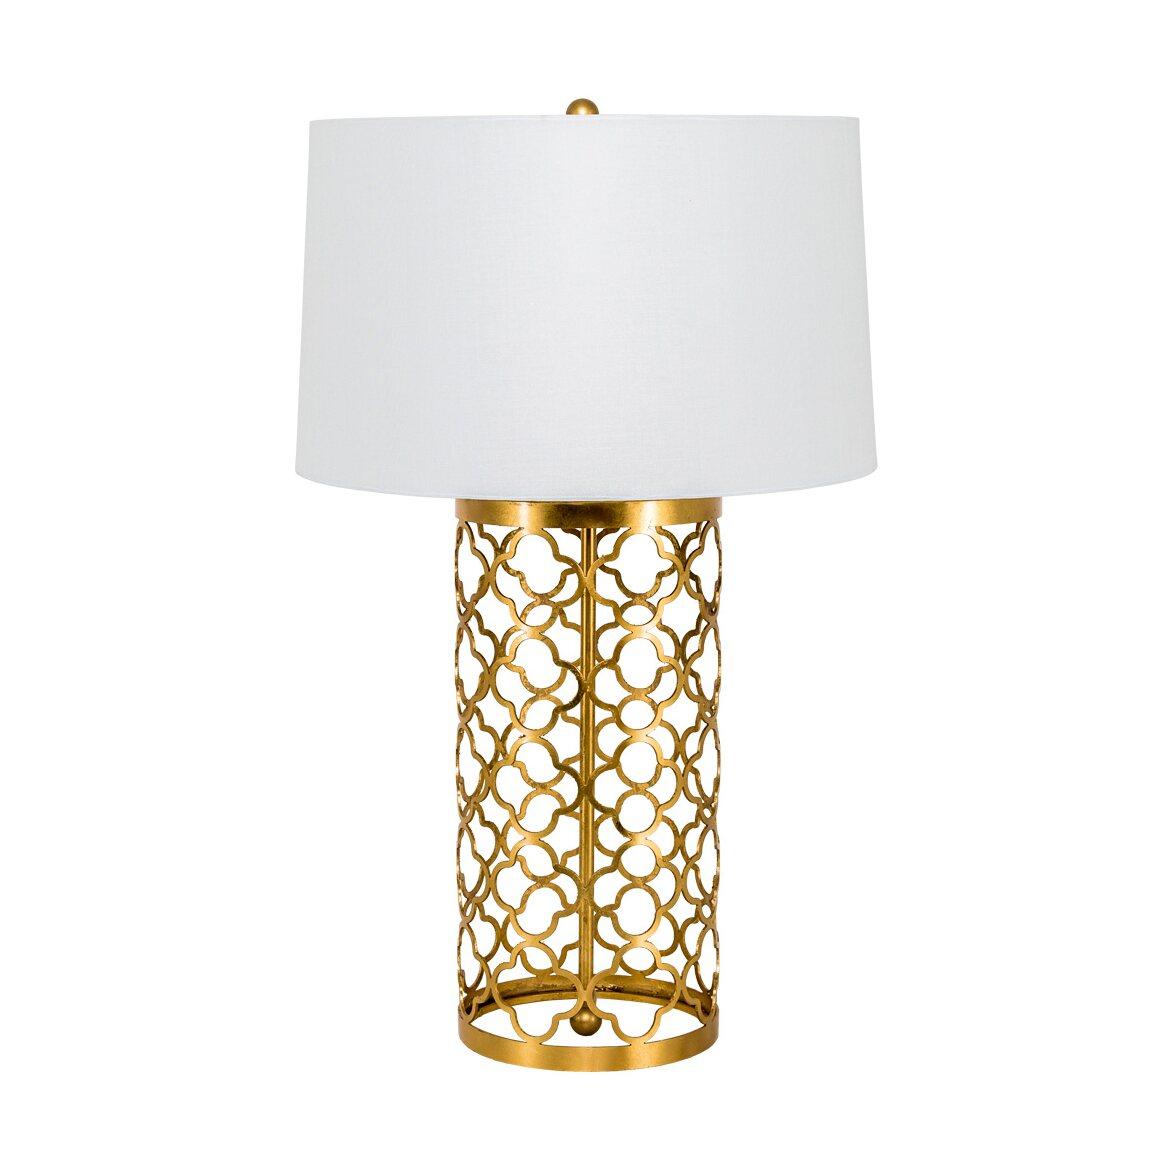 Настольная лампа «Рона»   Настольные лампы Kingsby